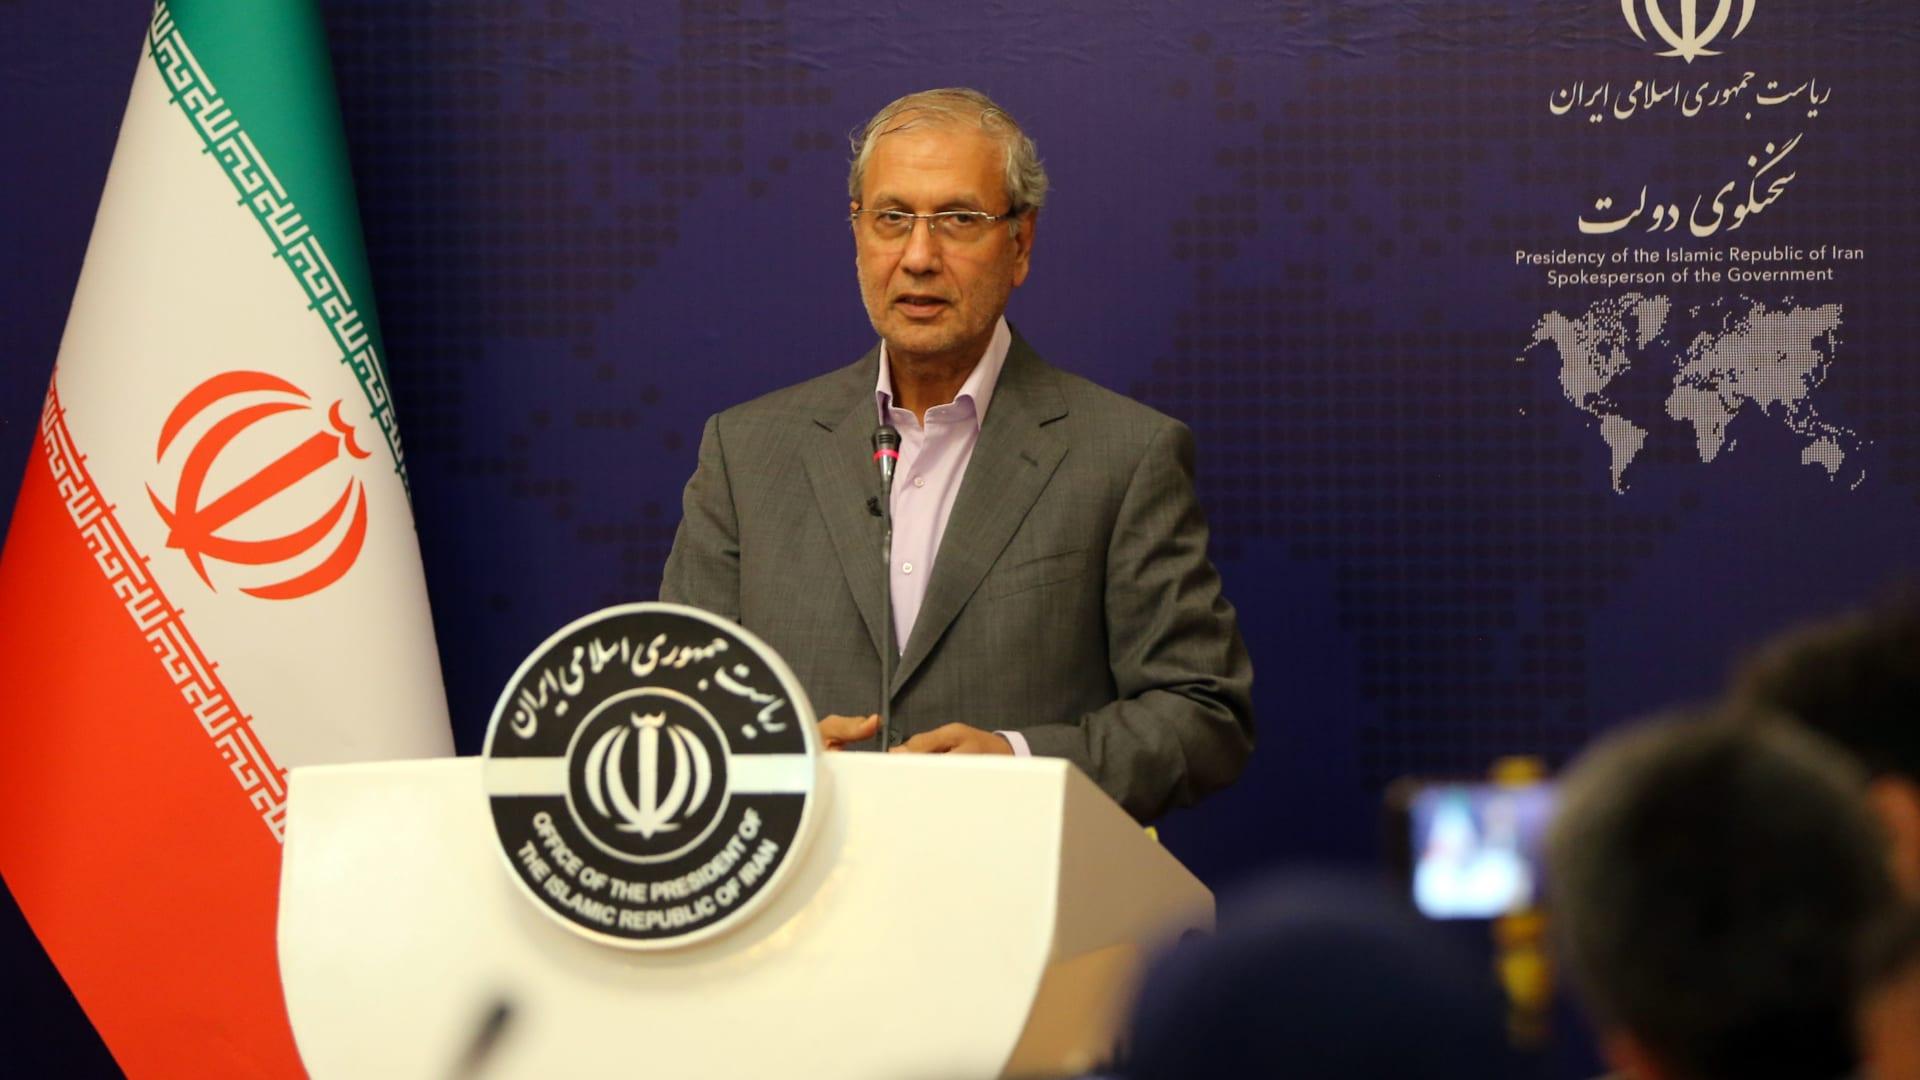 """إيران تستأنف تخصيب اليورانيوم.. والمفوضية الأوروبية: """"خروج كبير"""" عن الاتفاق النووي"""